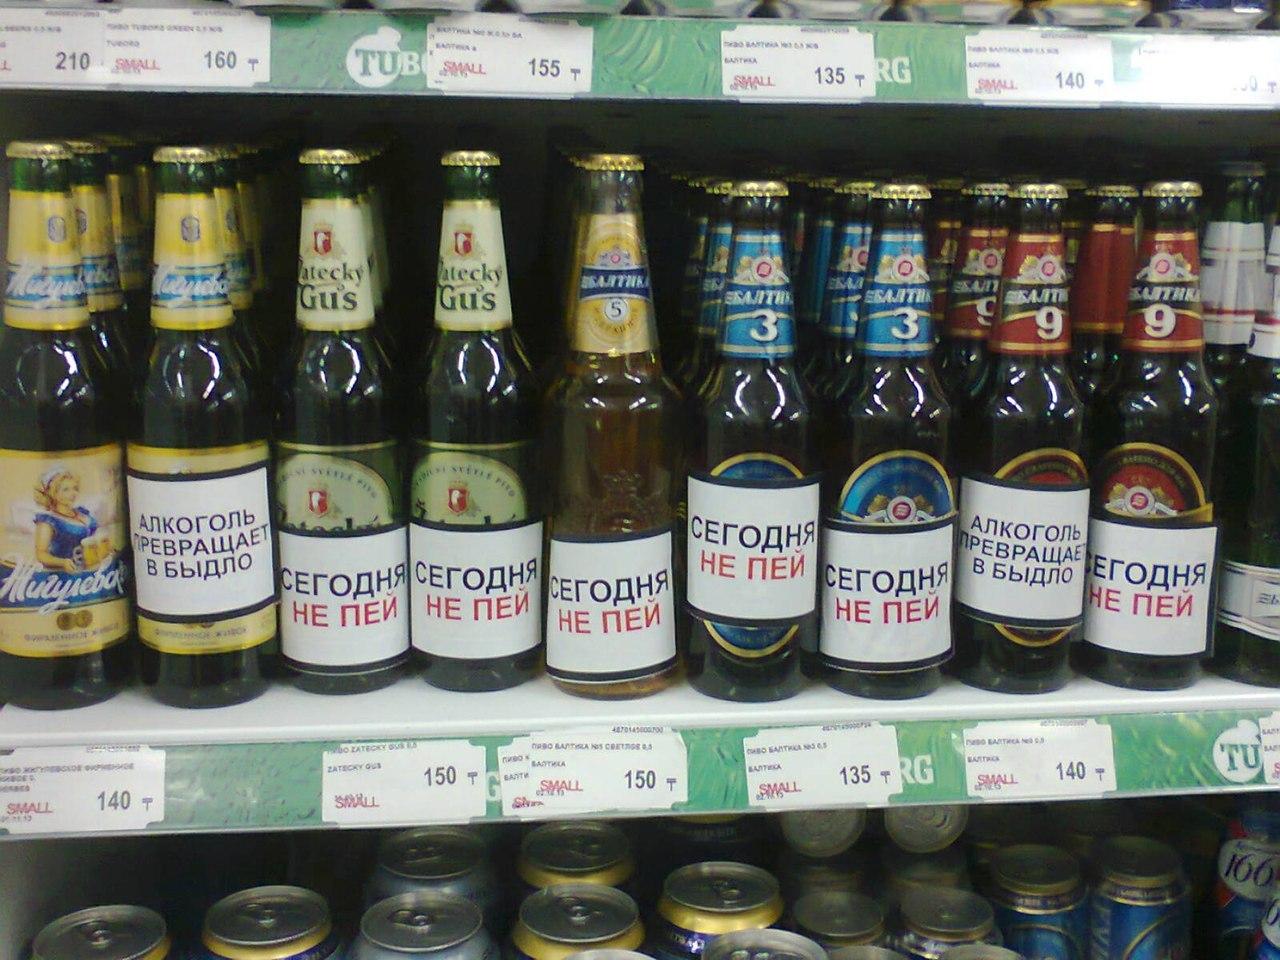 Не знаю видели ли вы такое. Парни заходят в супермаркеты и на всю алкогольную продукцию расклеивают этикетки